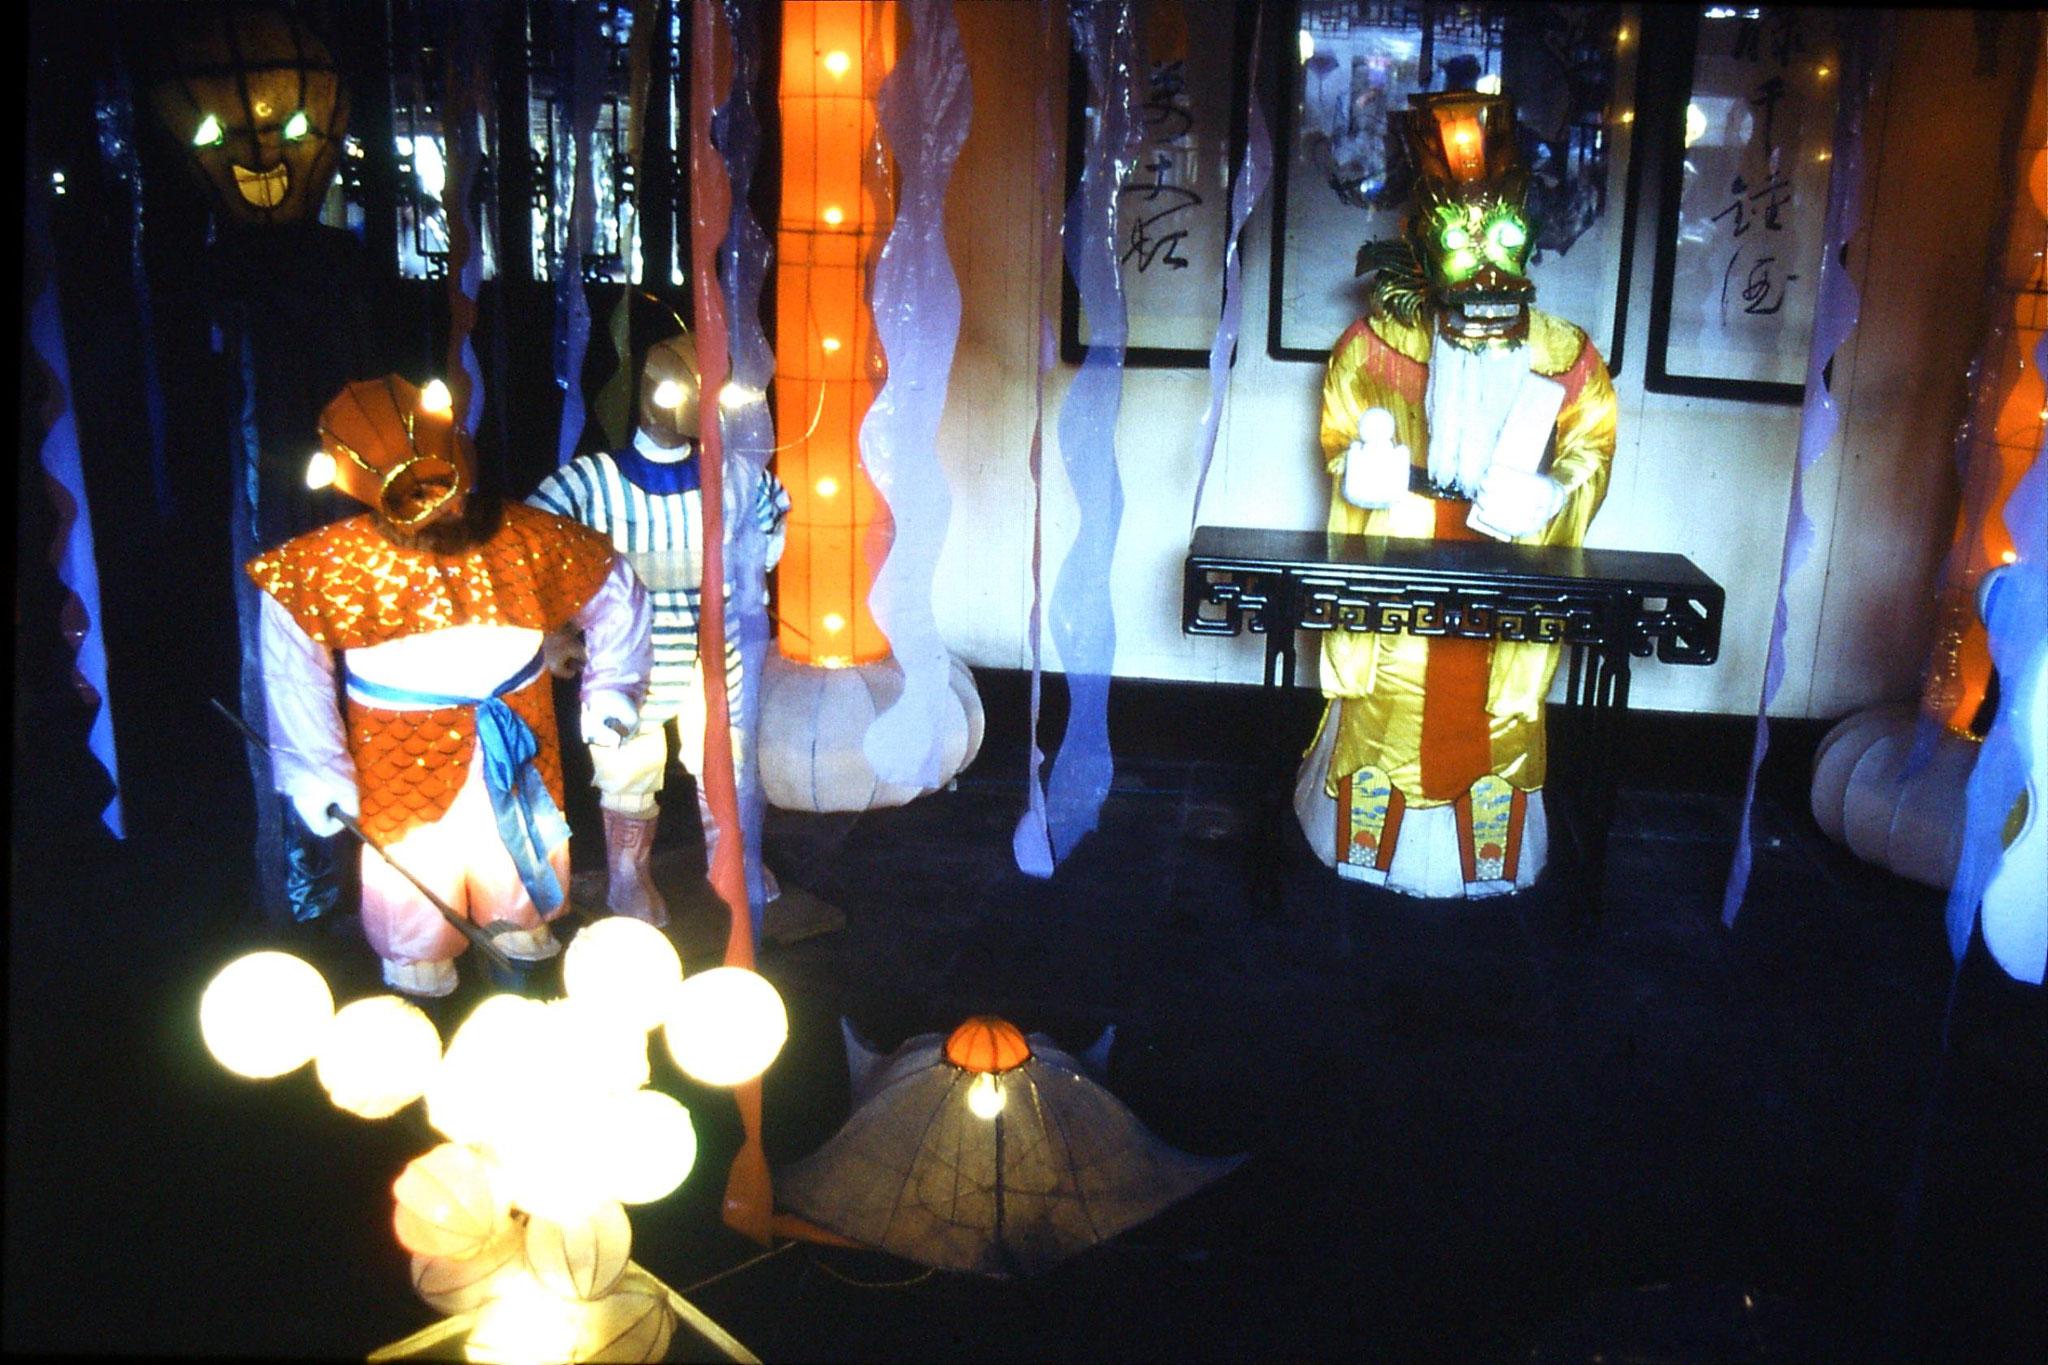 10/2/1989: 26: Yuyuan Gardens